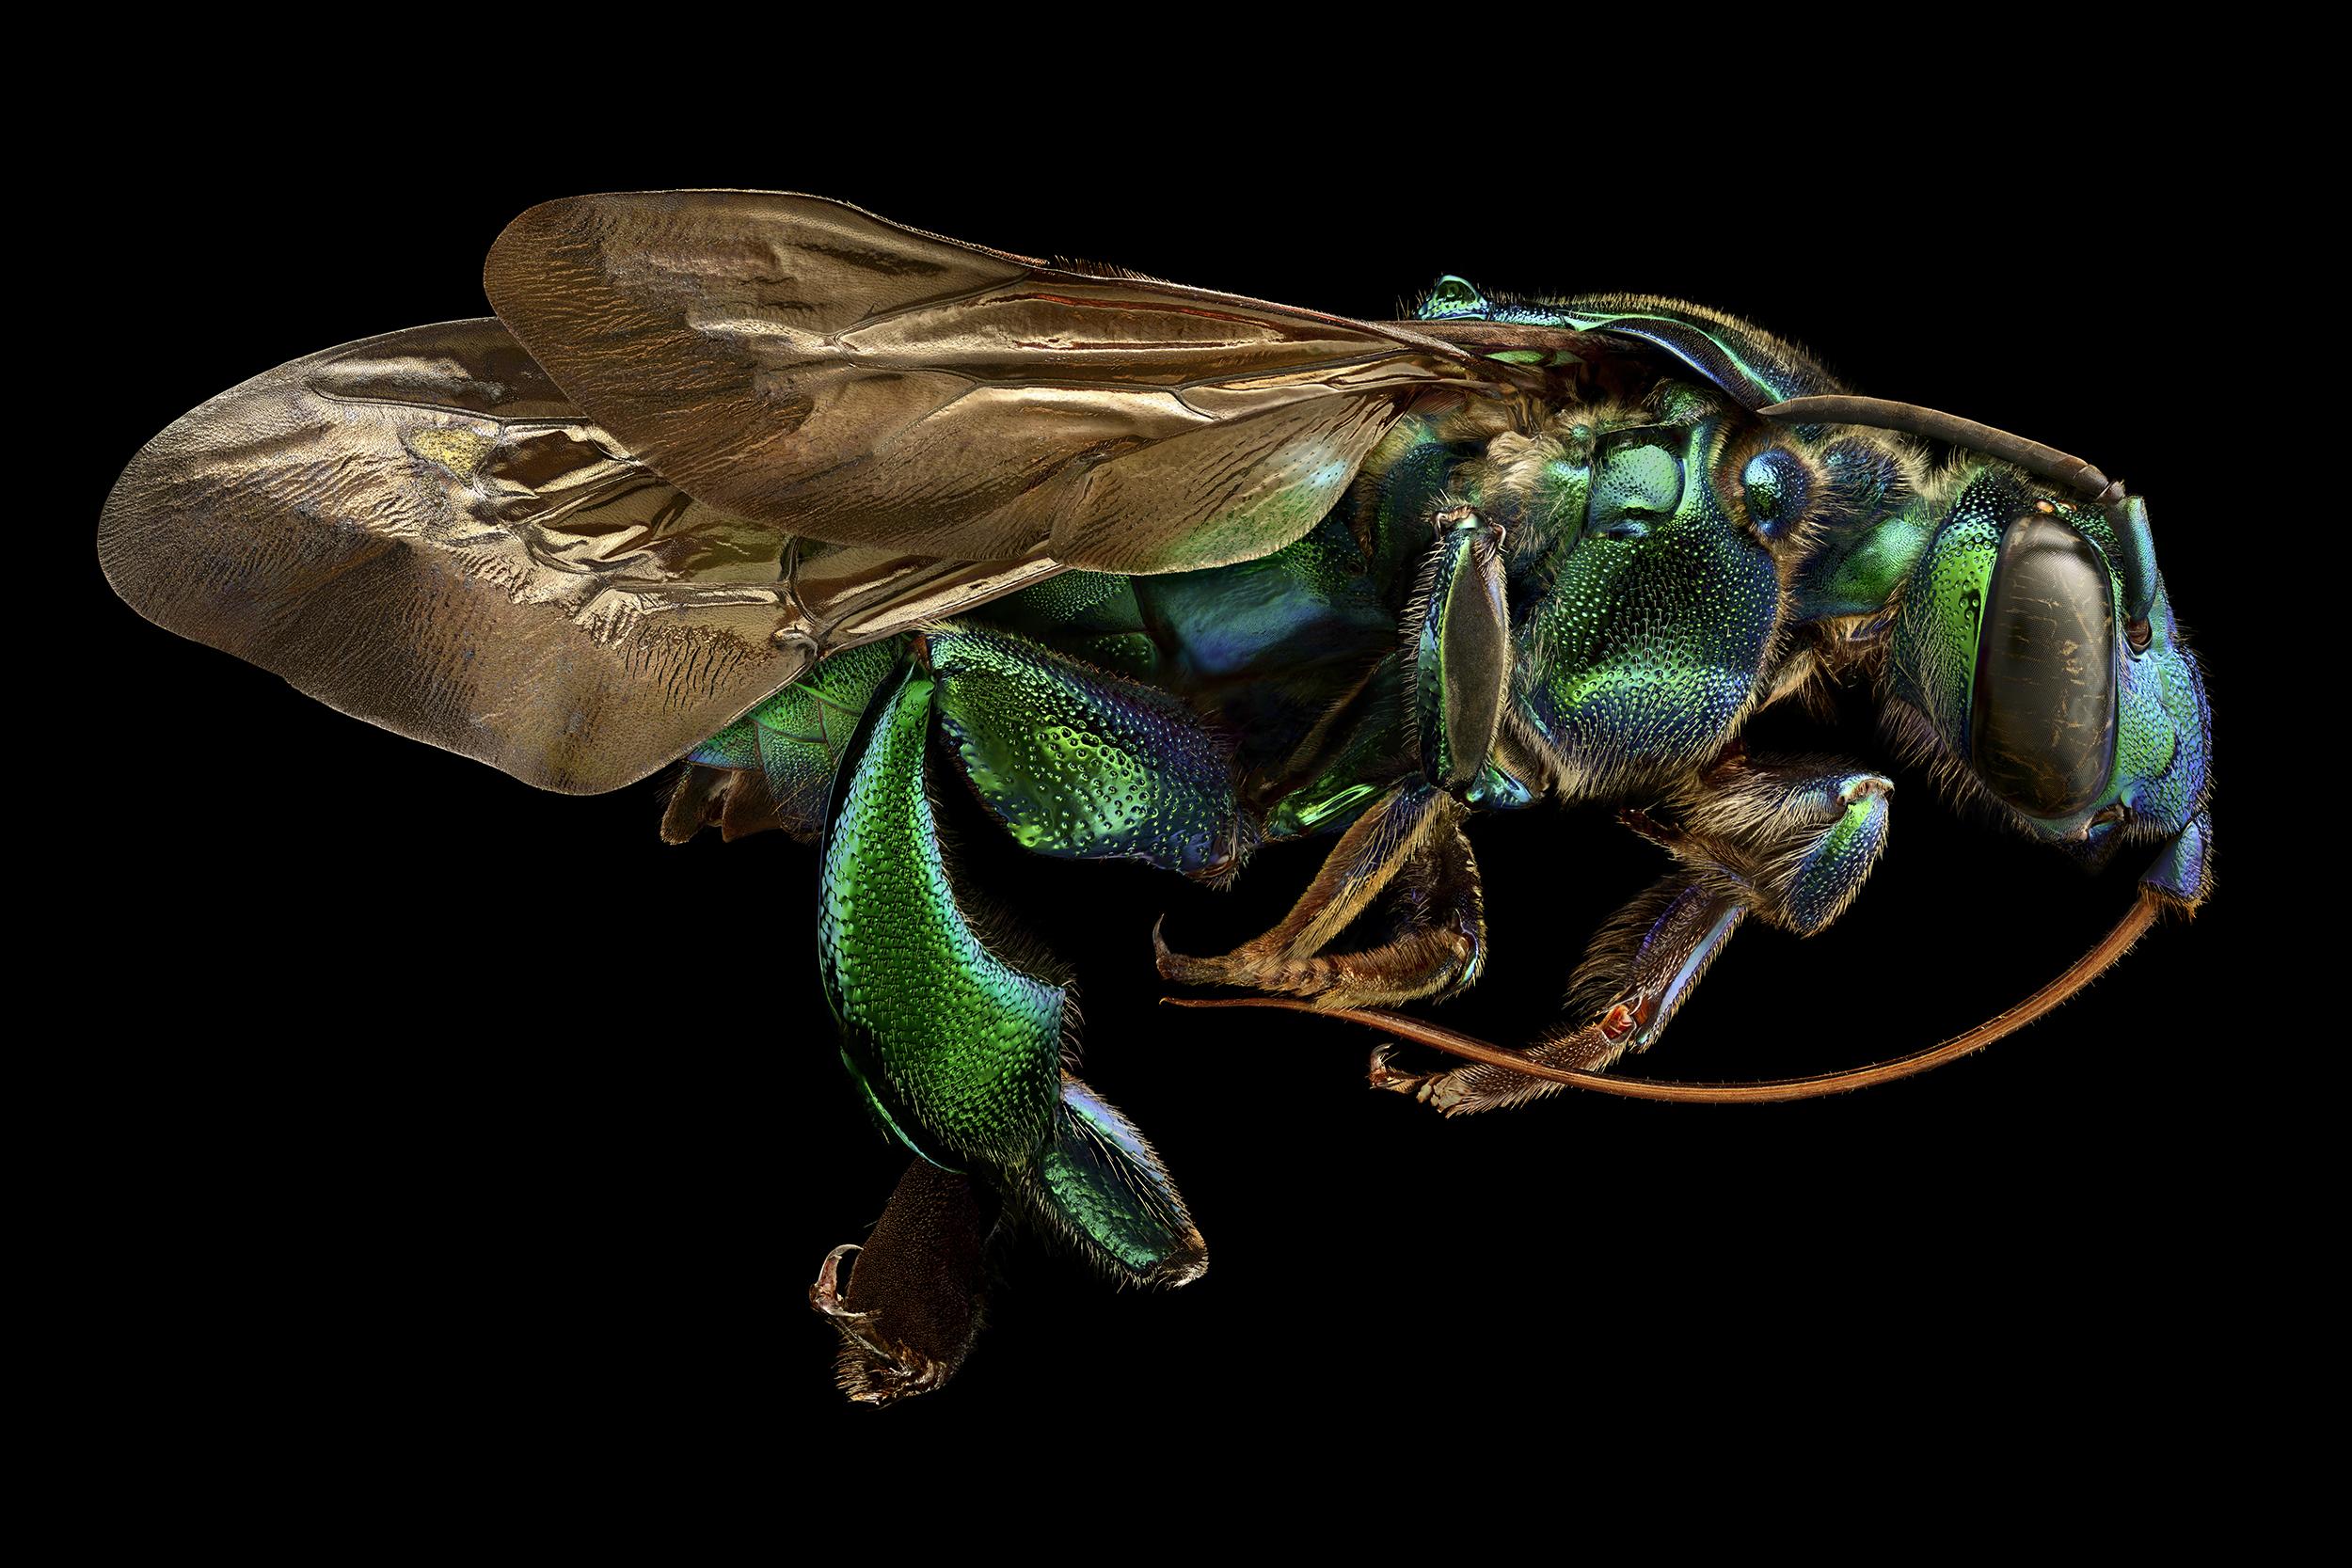 Orchid Cuckoo Bee